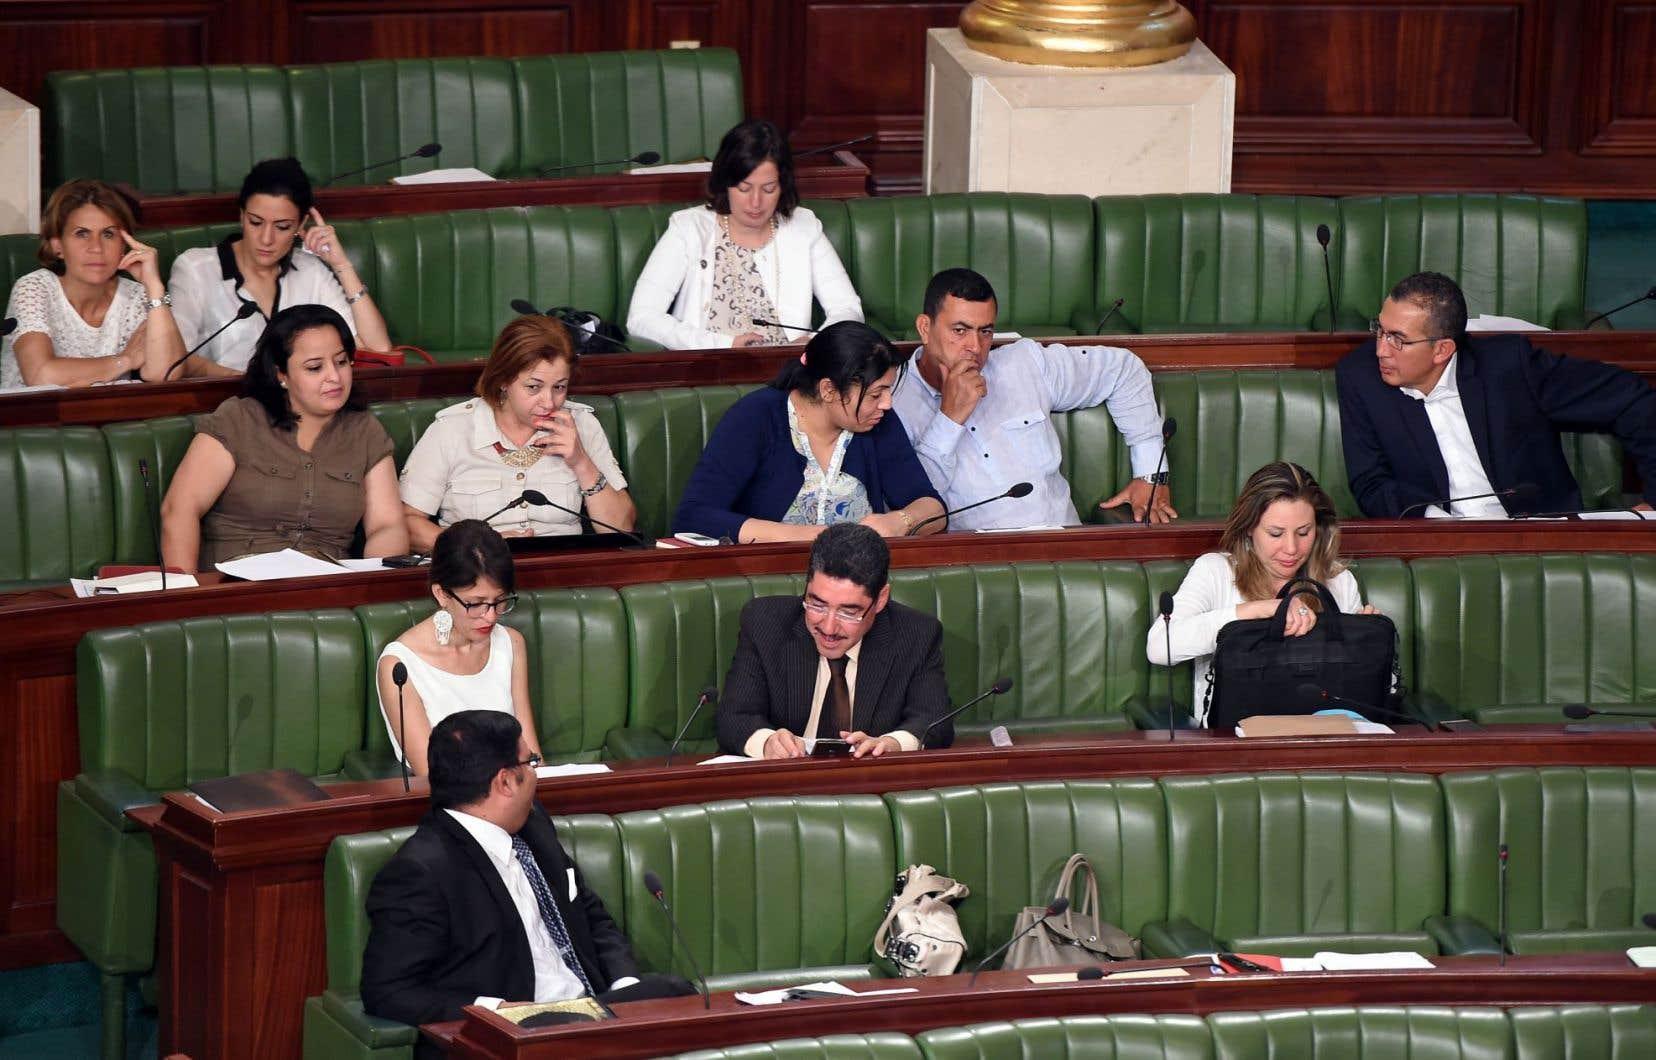 Des députés tunisiens lors d'une séance parlementaire en juillet 2015